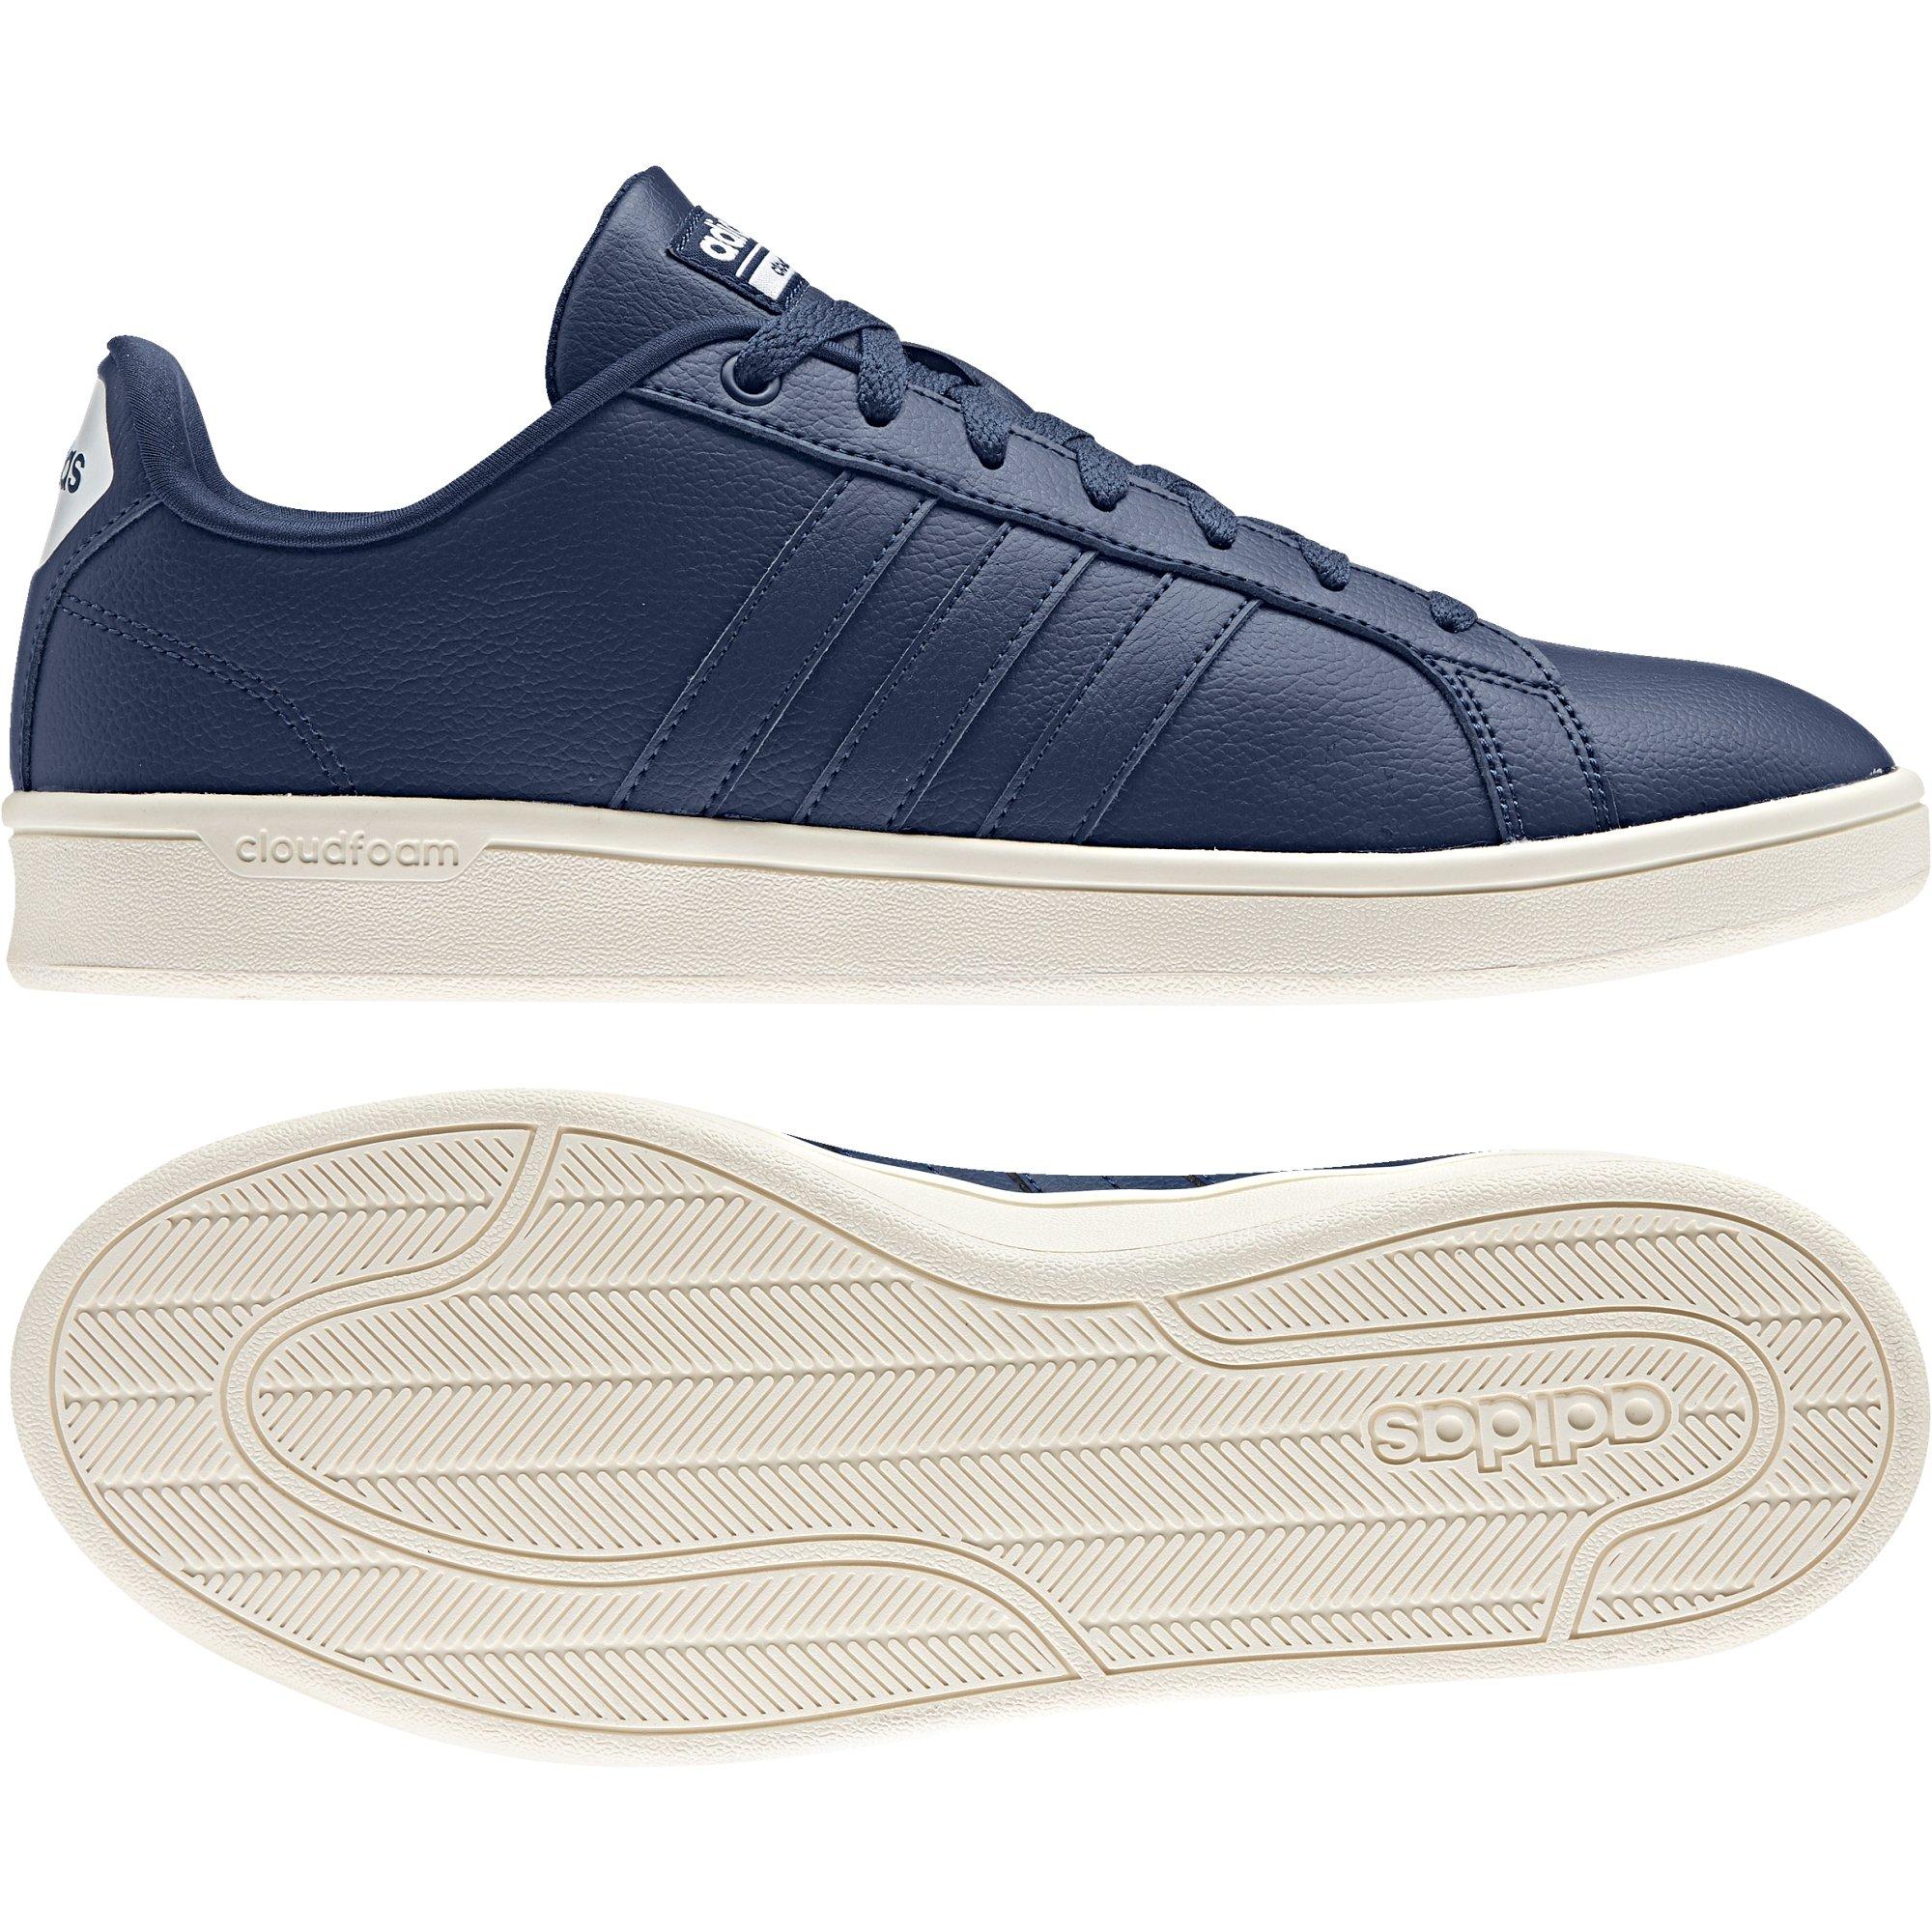 Buty adidas Cloudfoam Advantage B43648 r. 46